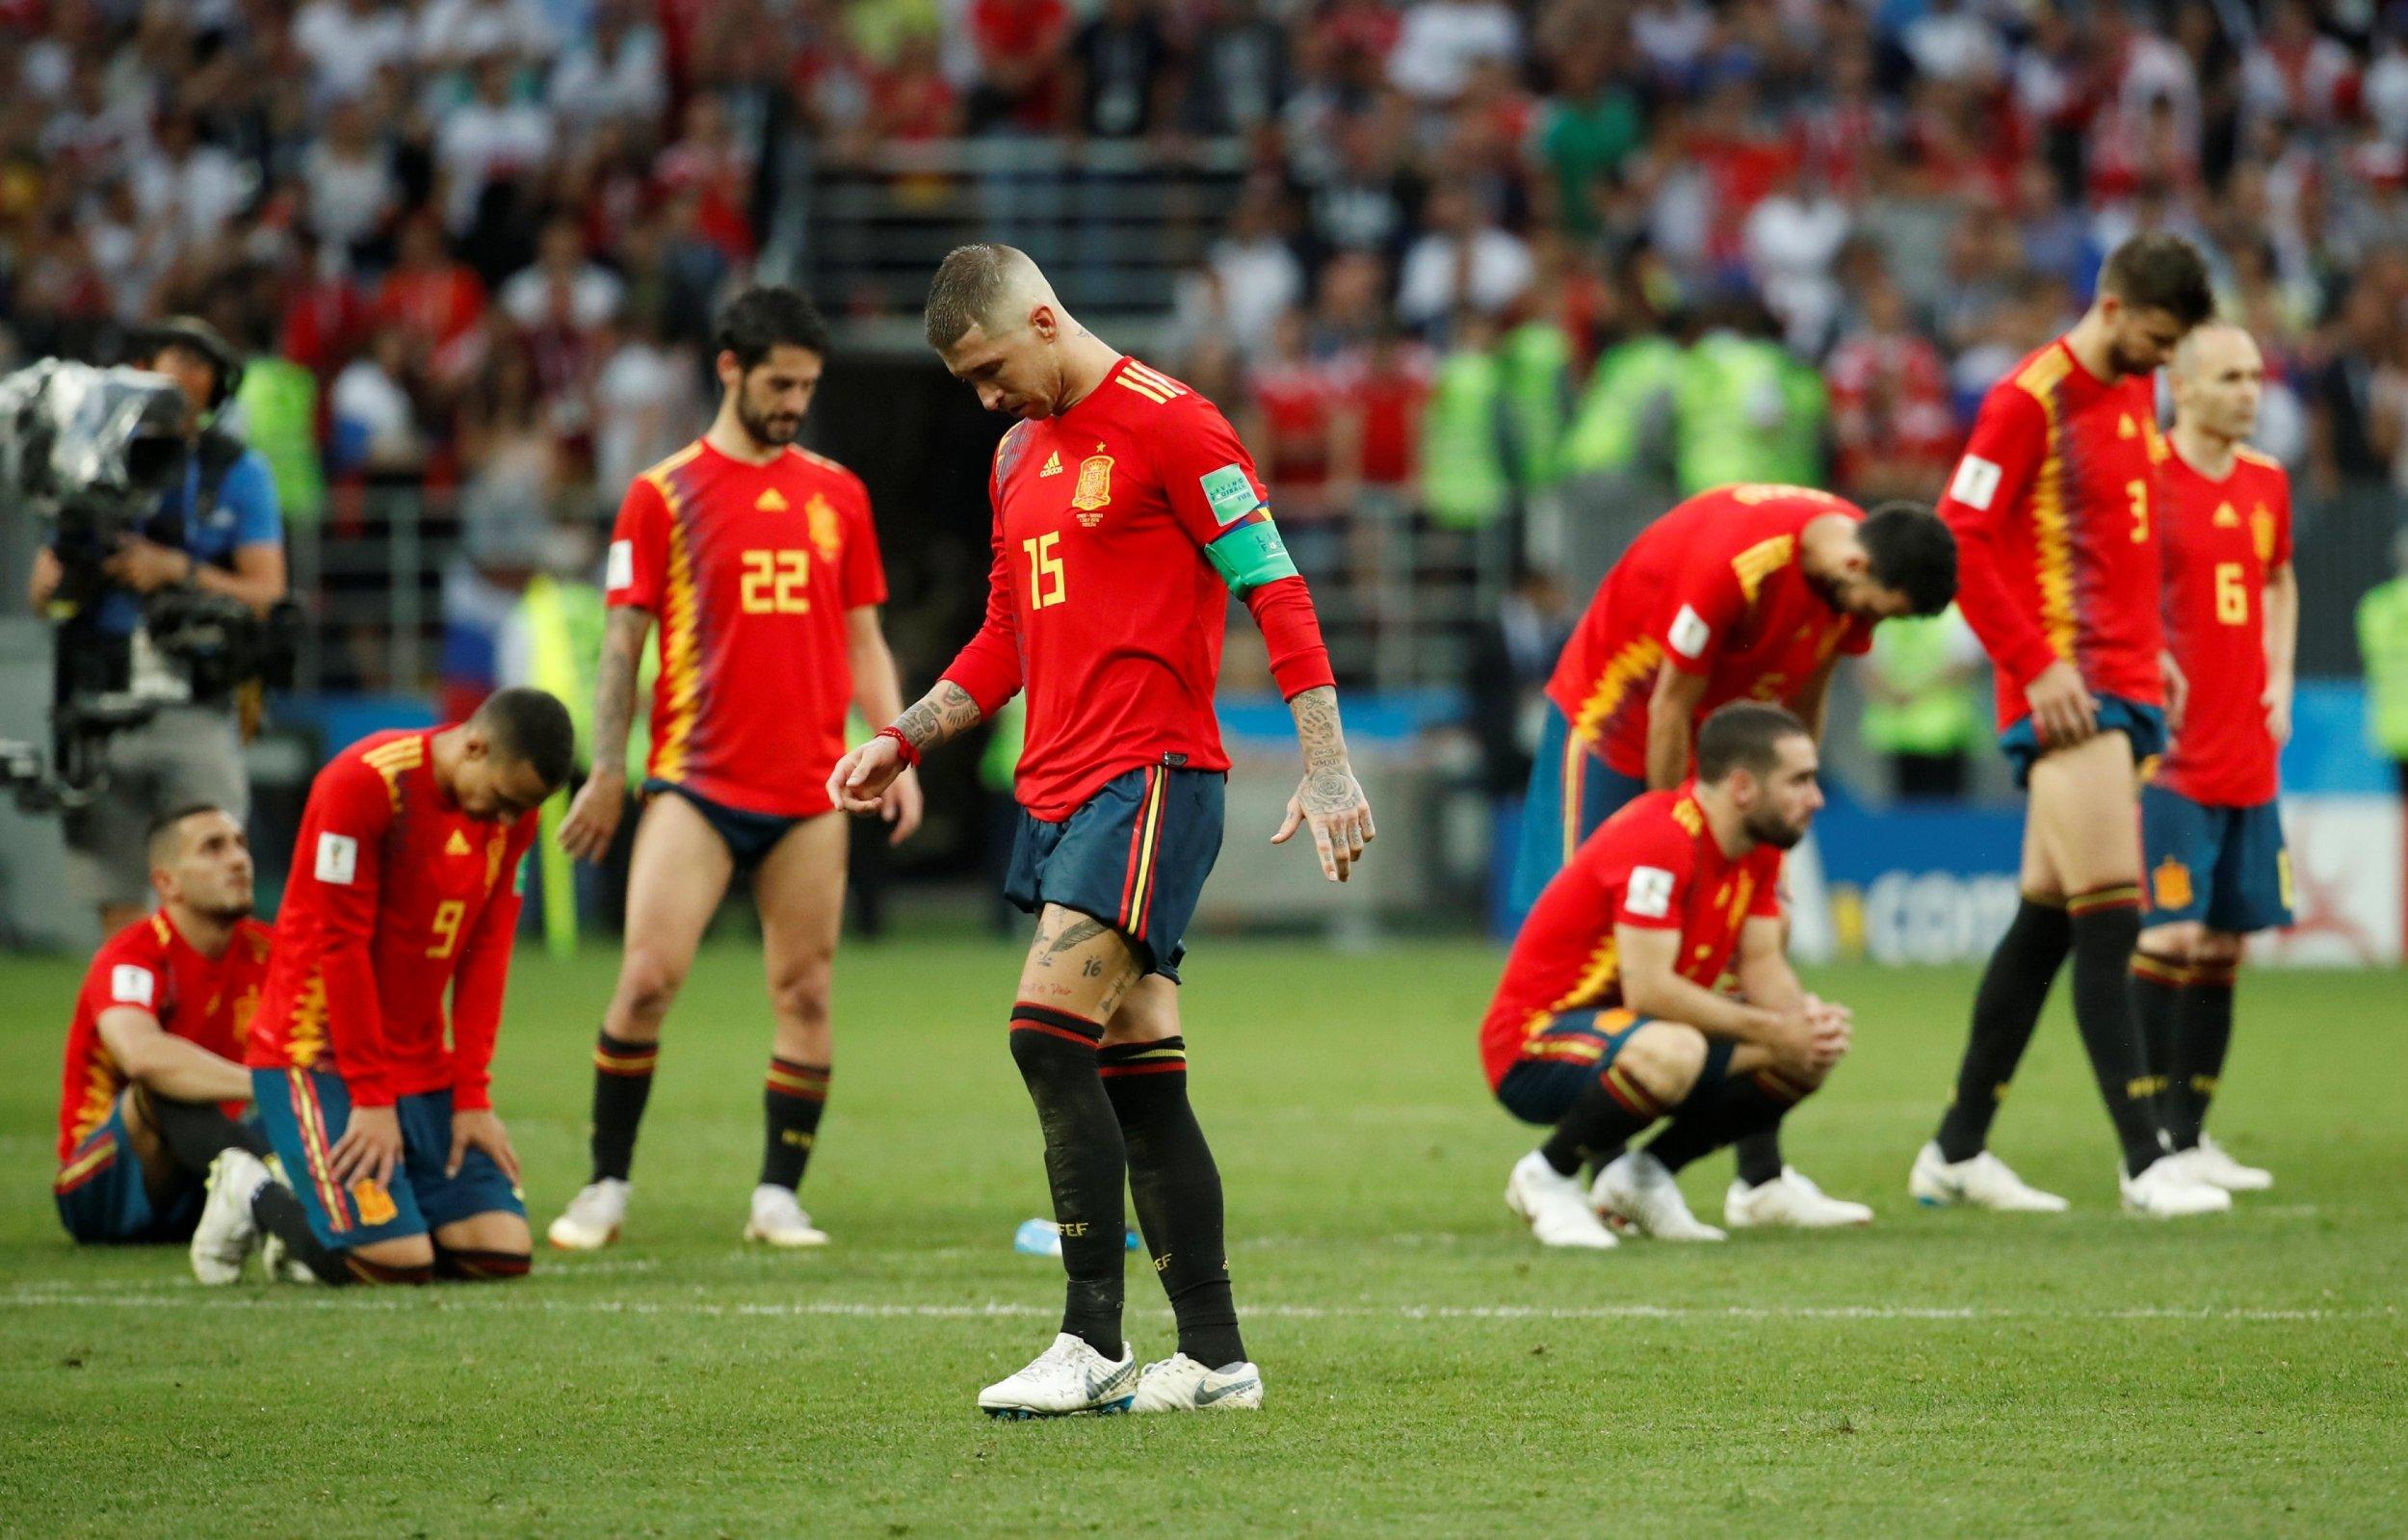 Tương lai Hierro bất ổn sau thất bại của Tây Ban Nha - Bóng Đá